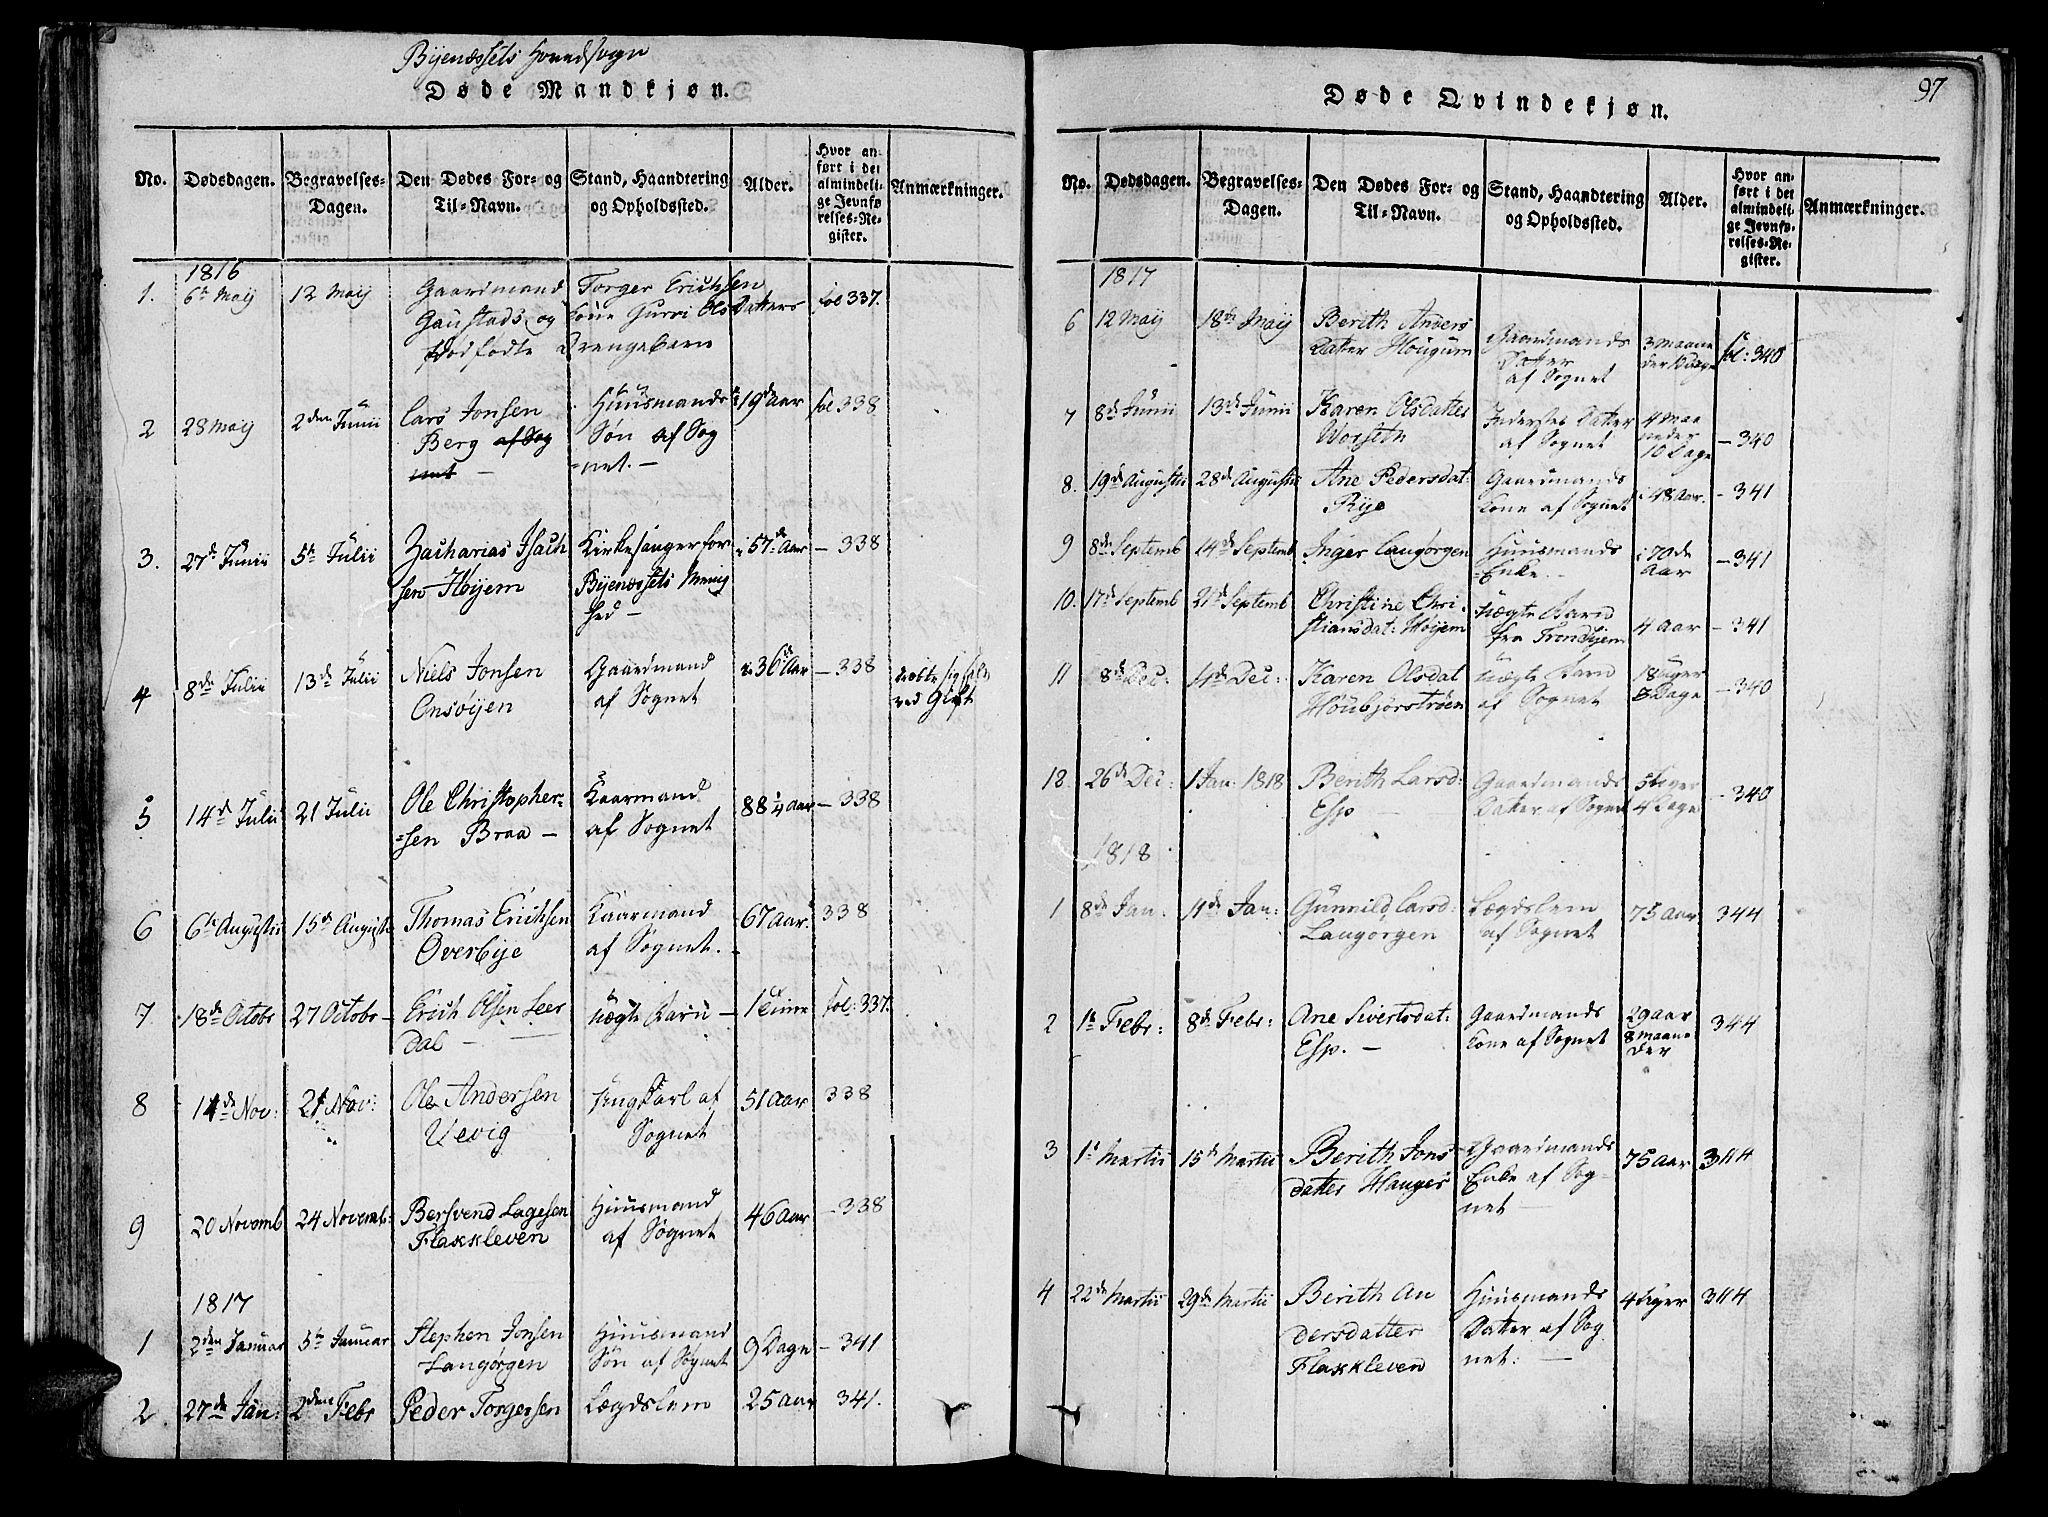 SAT, Ministerialprotokoller, klokkerbøker og fødselsregistre - Sør-Trøndelag, 612/L0372: Ministerialbok nr. 612A06 /1, 1816-1828, s. 97